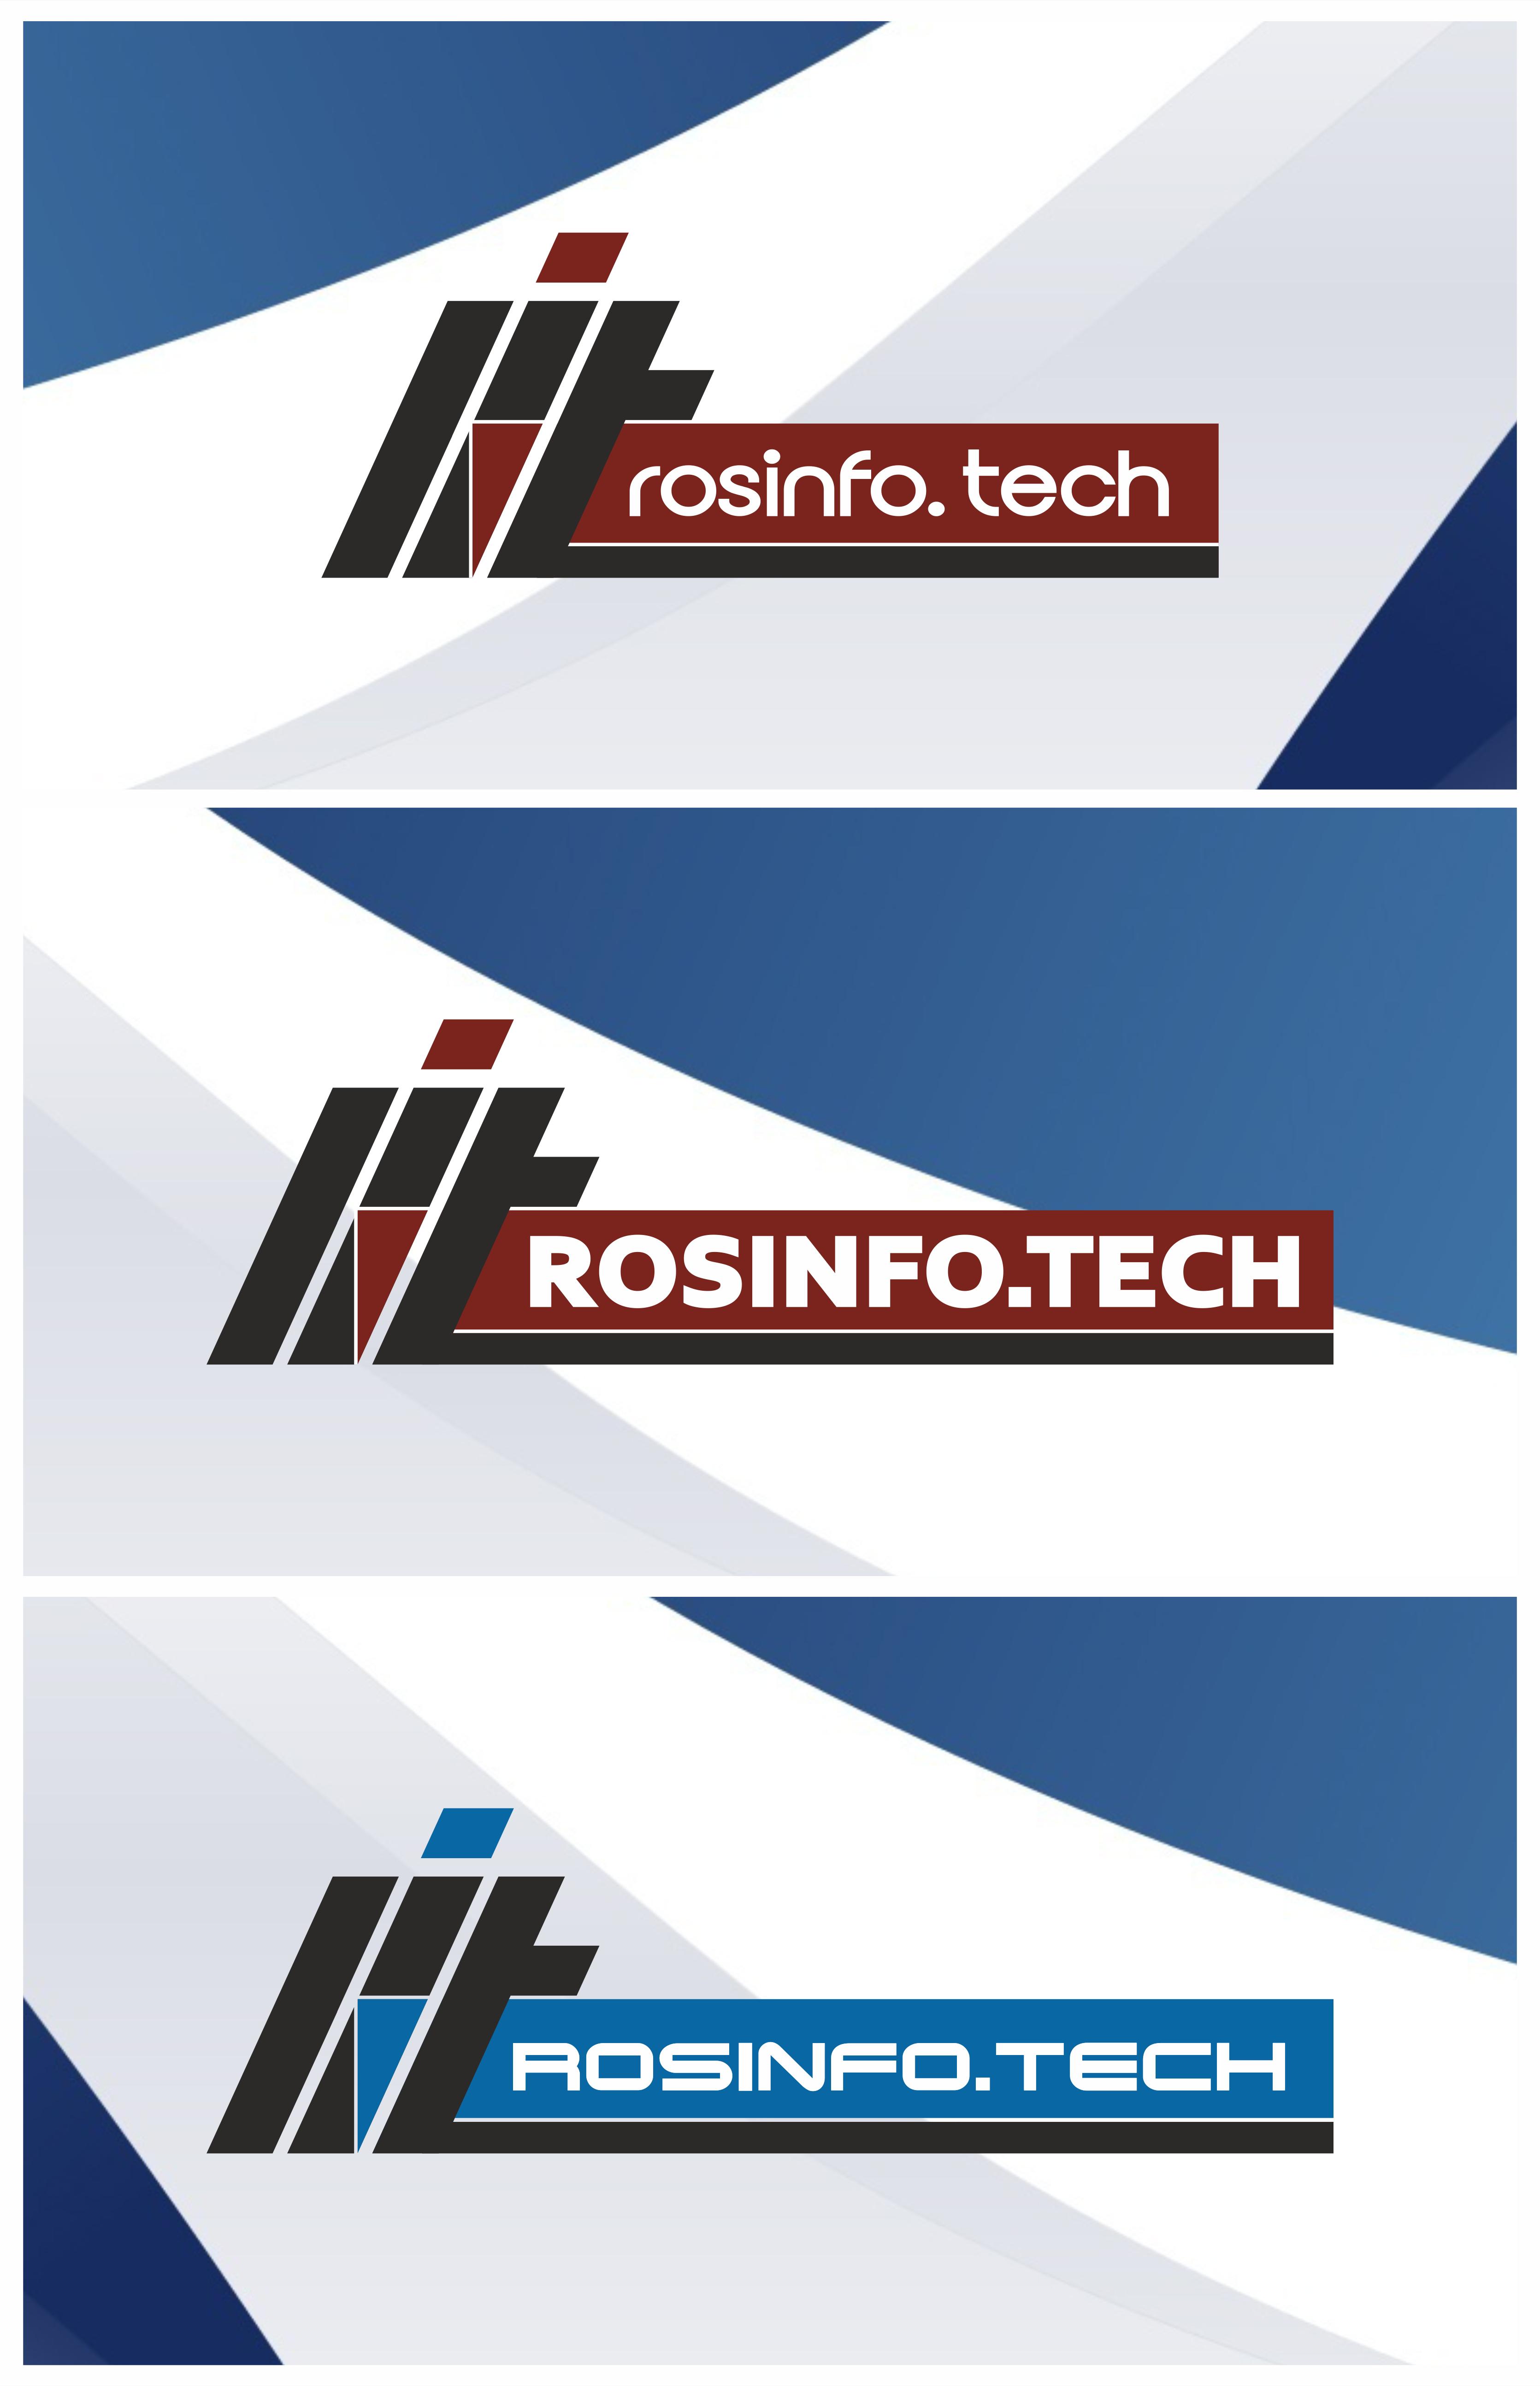 Разработка пакета айдентики rosinfo.tech фото f_6665e2af5ad6ca55.png